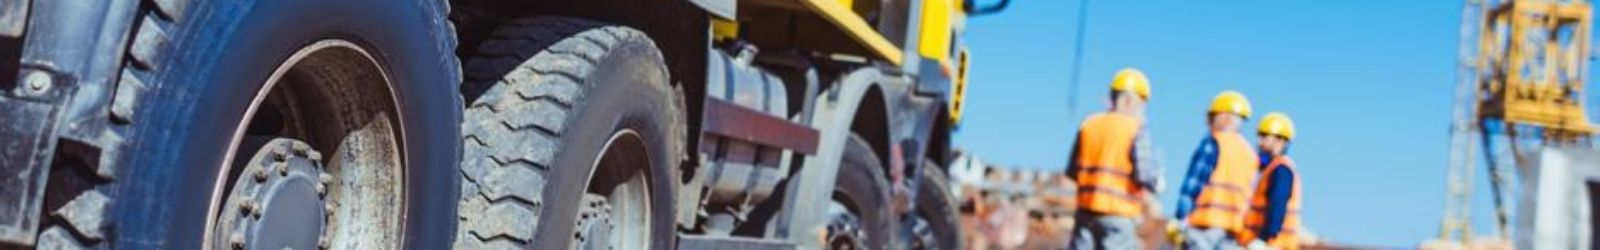 dump-truck-loan-down-payment